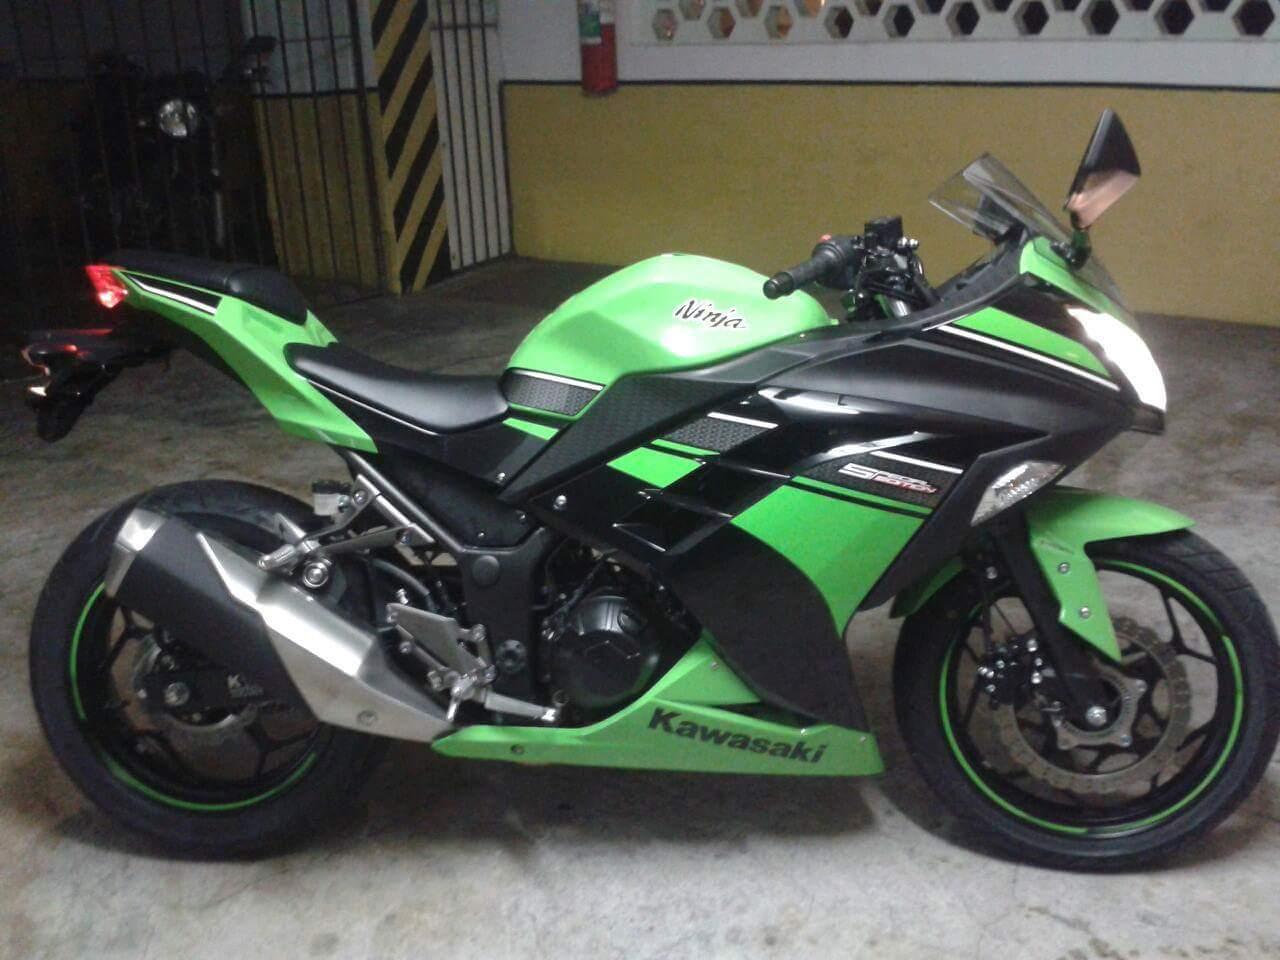 moto kawasaki e muito roubada